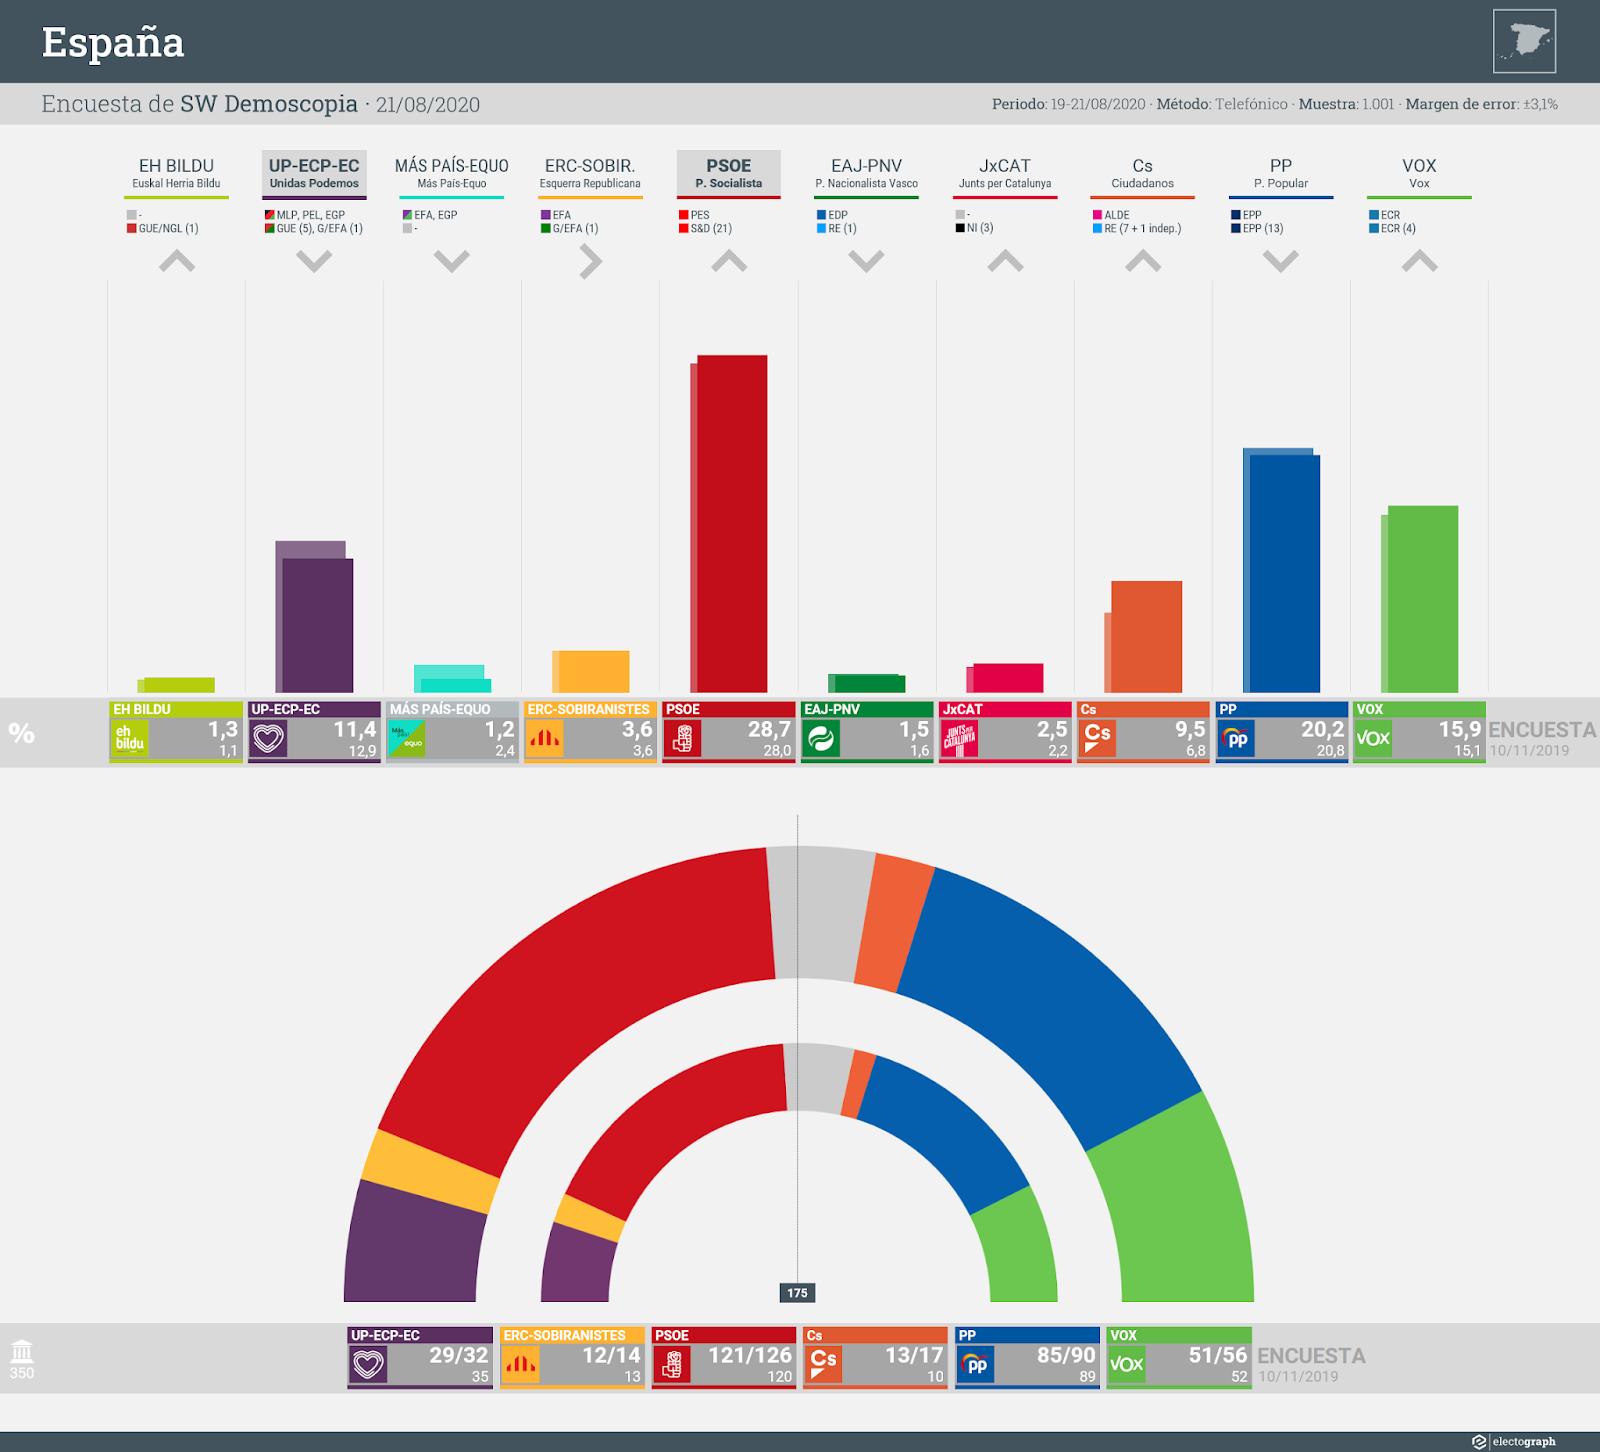 Gráfico de la encuesta para elecciones generales en España realizada por SW Demoscopia, 21 de agosto de 2020